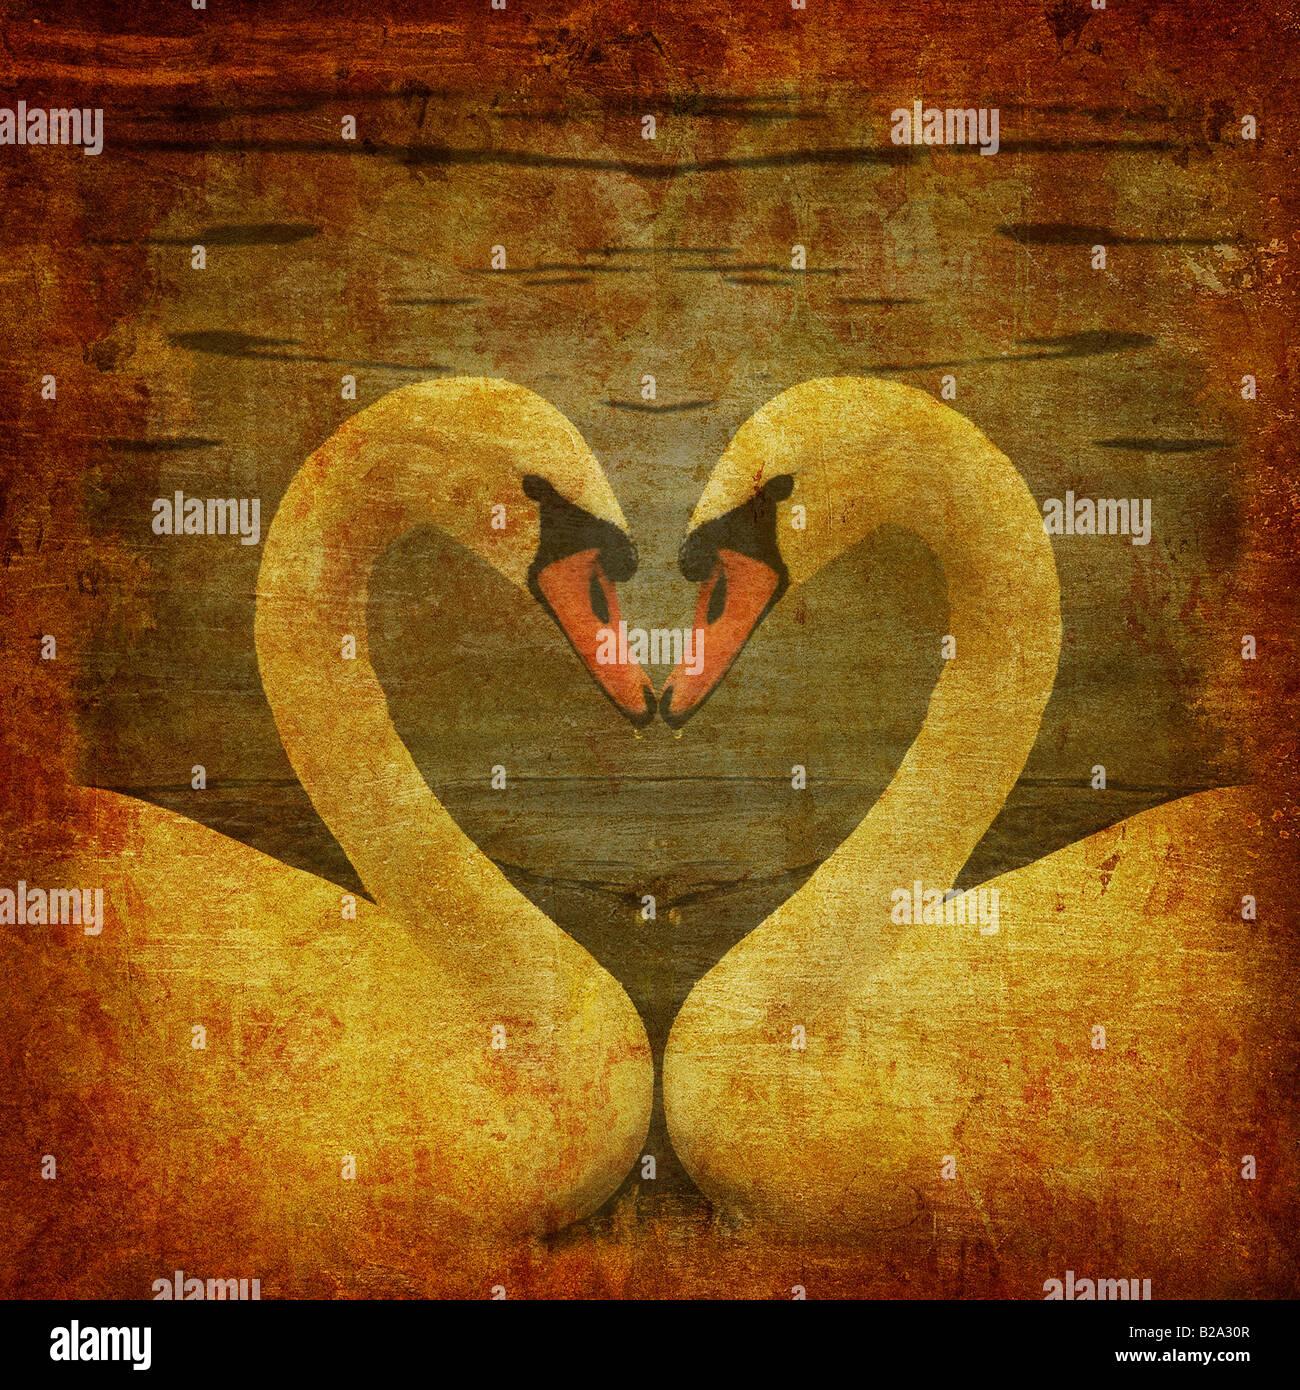 Bandas grunge postal com dois cisnes no amor Imagens de Stock